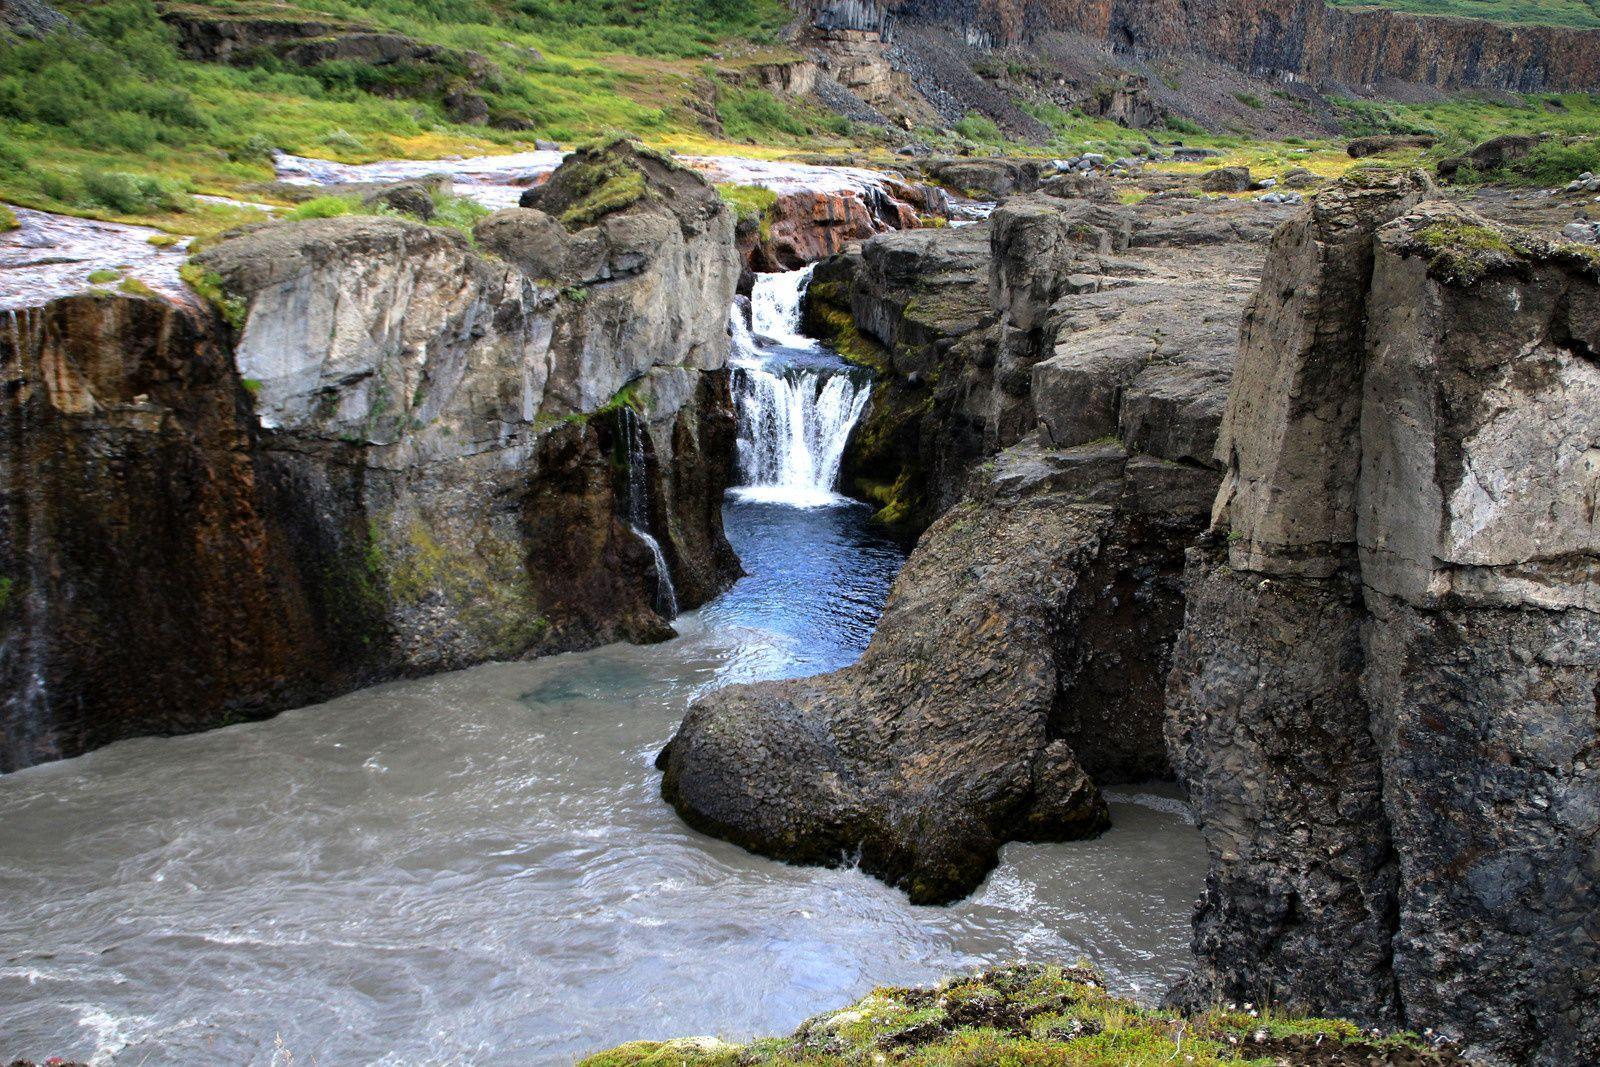 Vacances en Islande - Jour 6